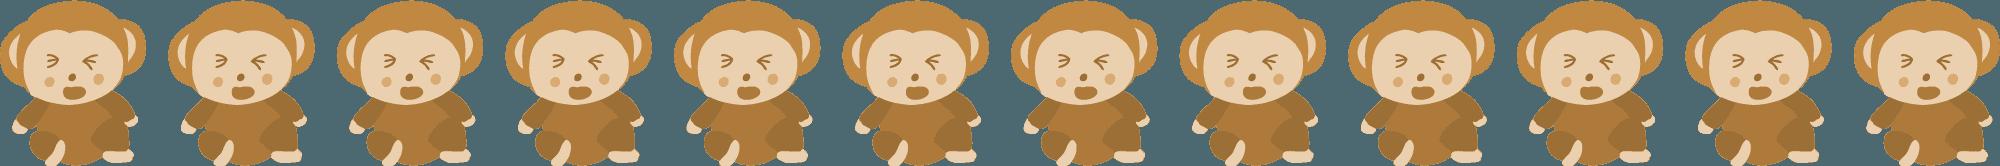 泣いている可愛い猿のライン素材